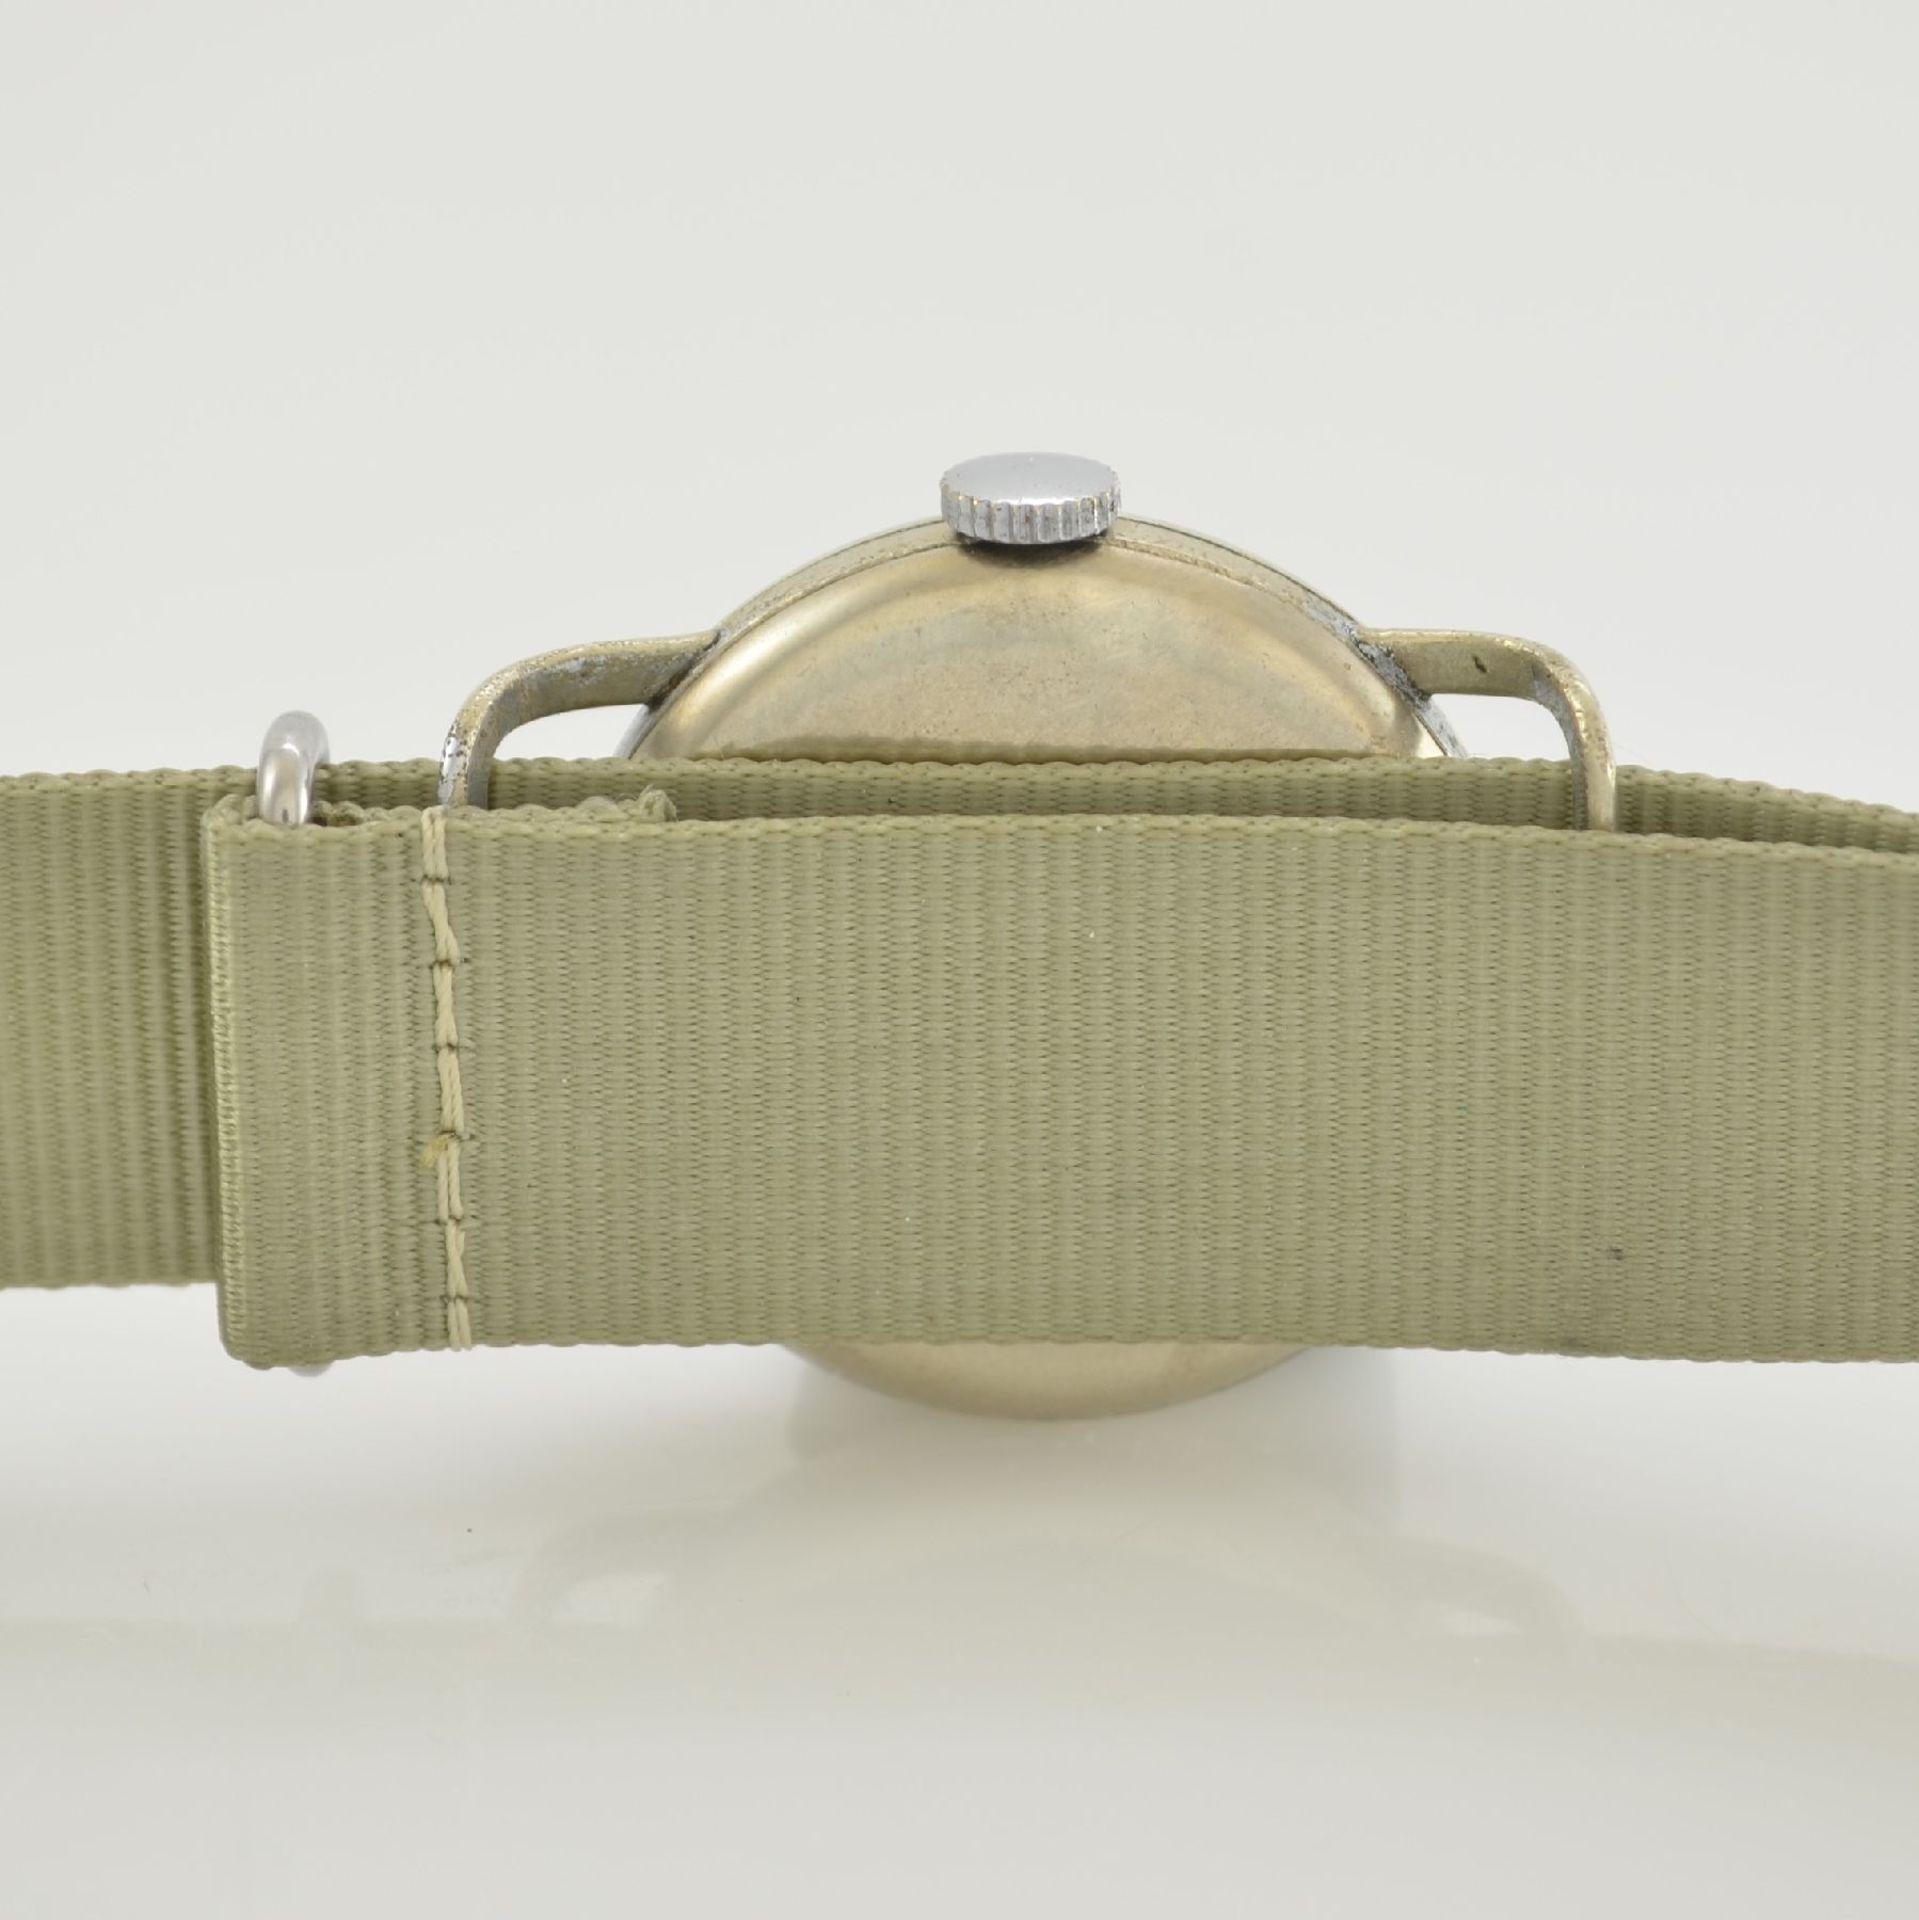 MERBEND WATCH Spezial Antimagnetic Schockabsorber Armbanduhr im Fliegerdesign, Schweiz um 1935, - Bild 6 aus 6